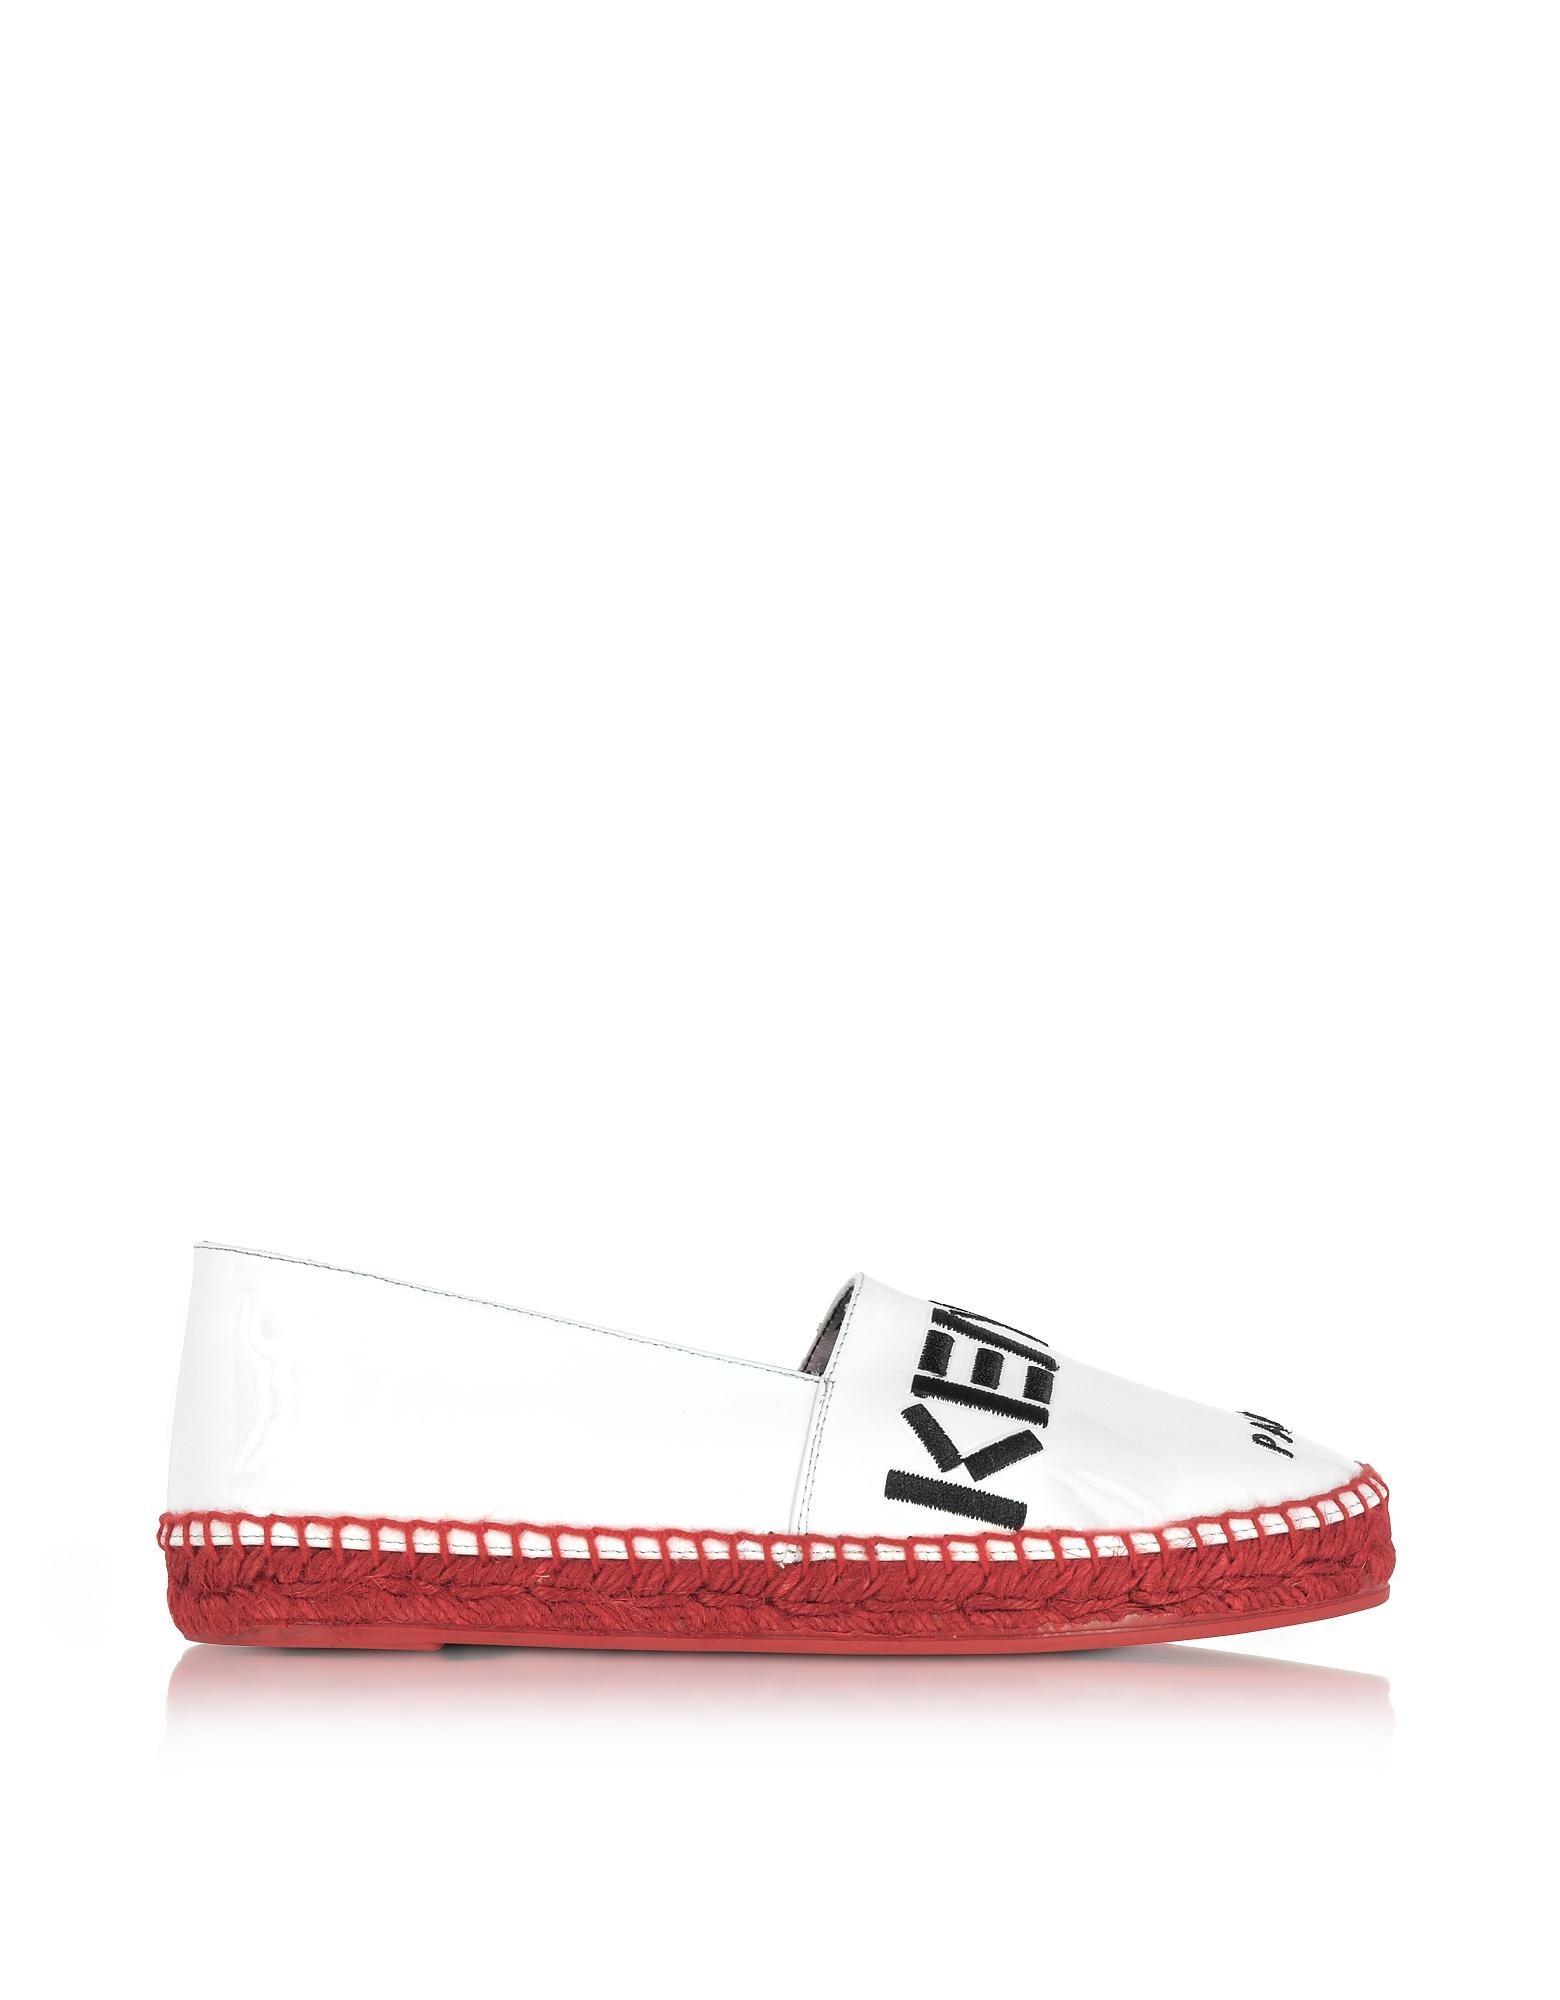 Kenzo Paris - Белые Эспадрильи из Лакированной Кожи с Красной Подошвой